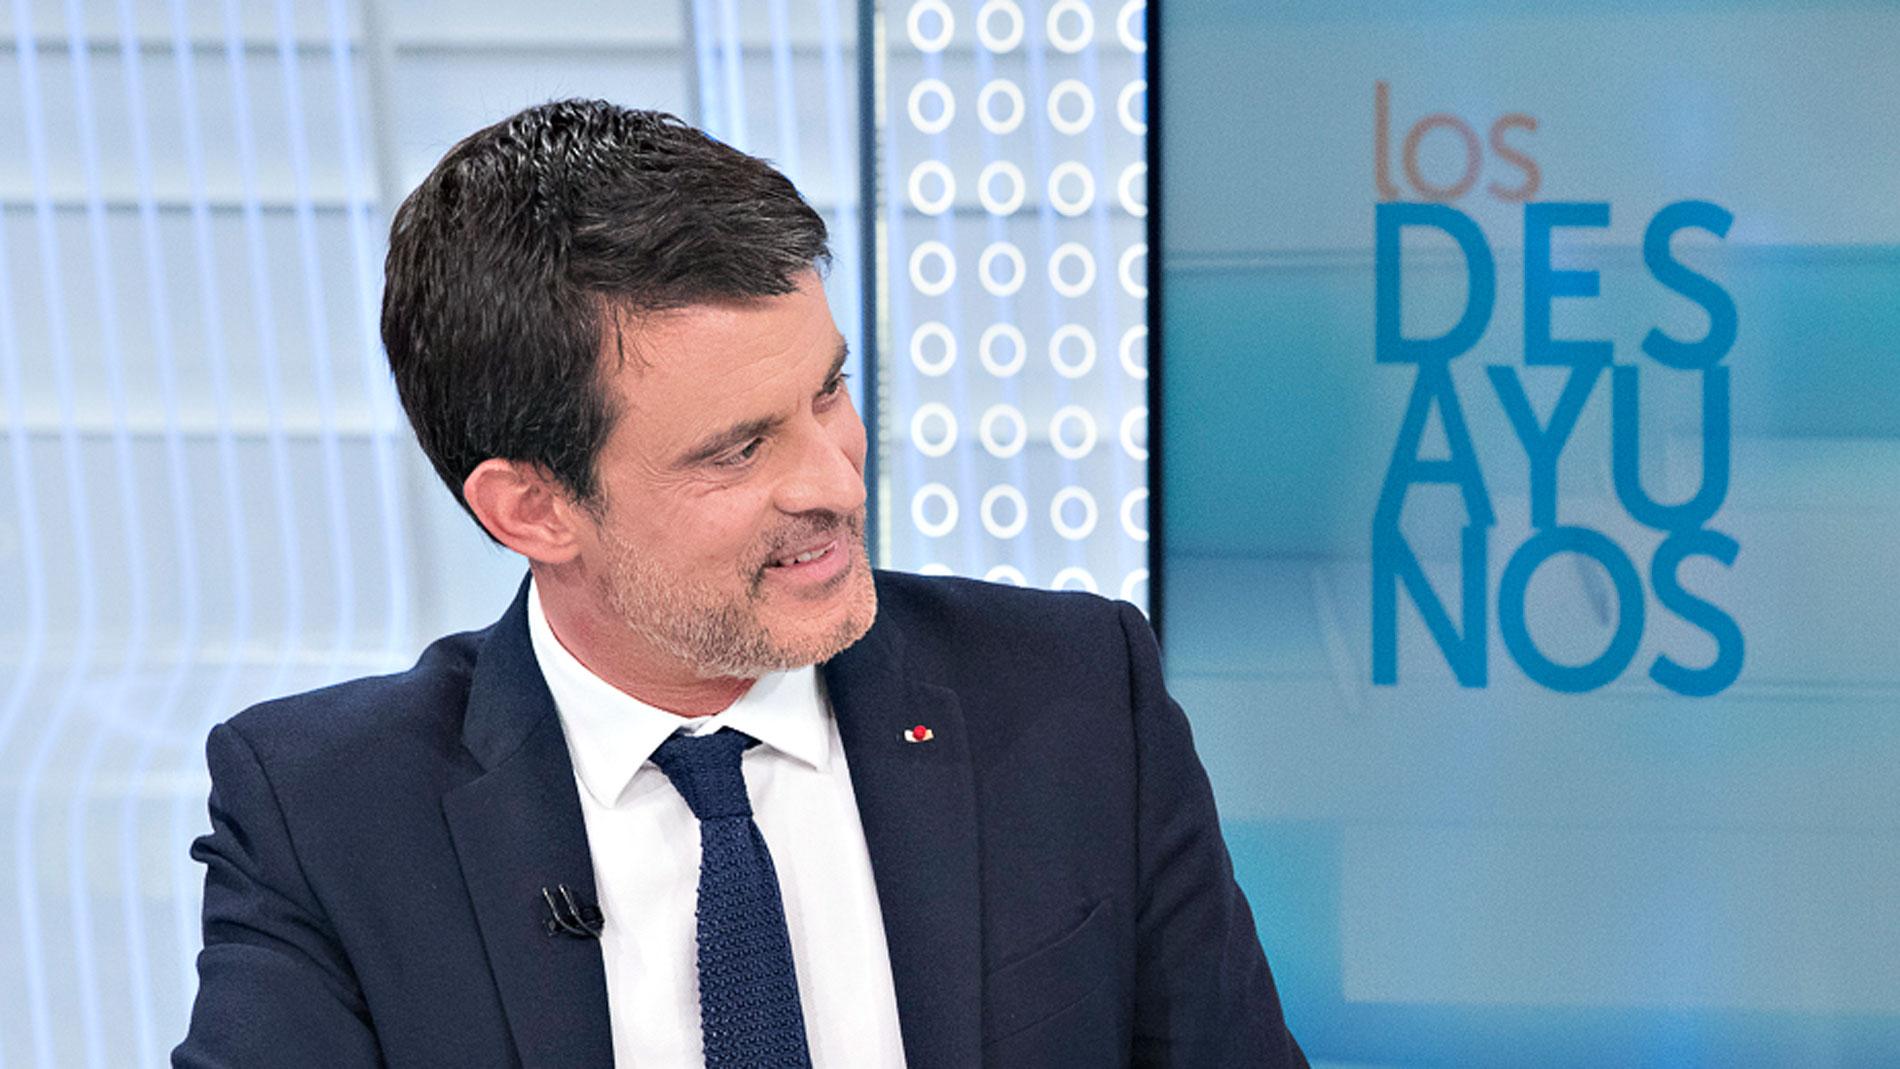 """Valls no descarta presentarse a alcalde de Barcelona por Ciudadanos: """"Me lo voy a pensar"""""""